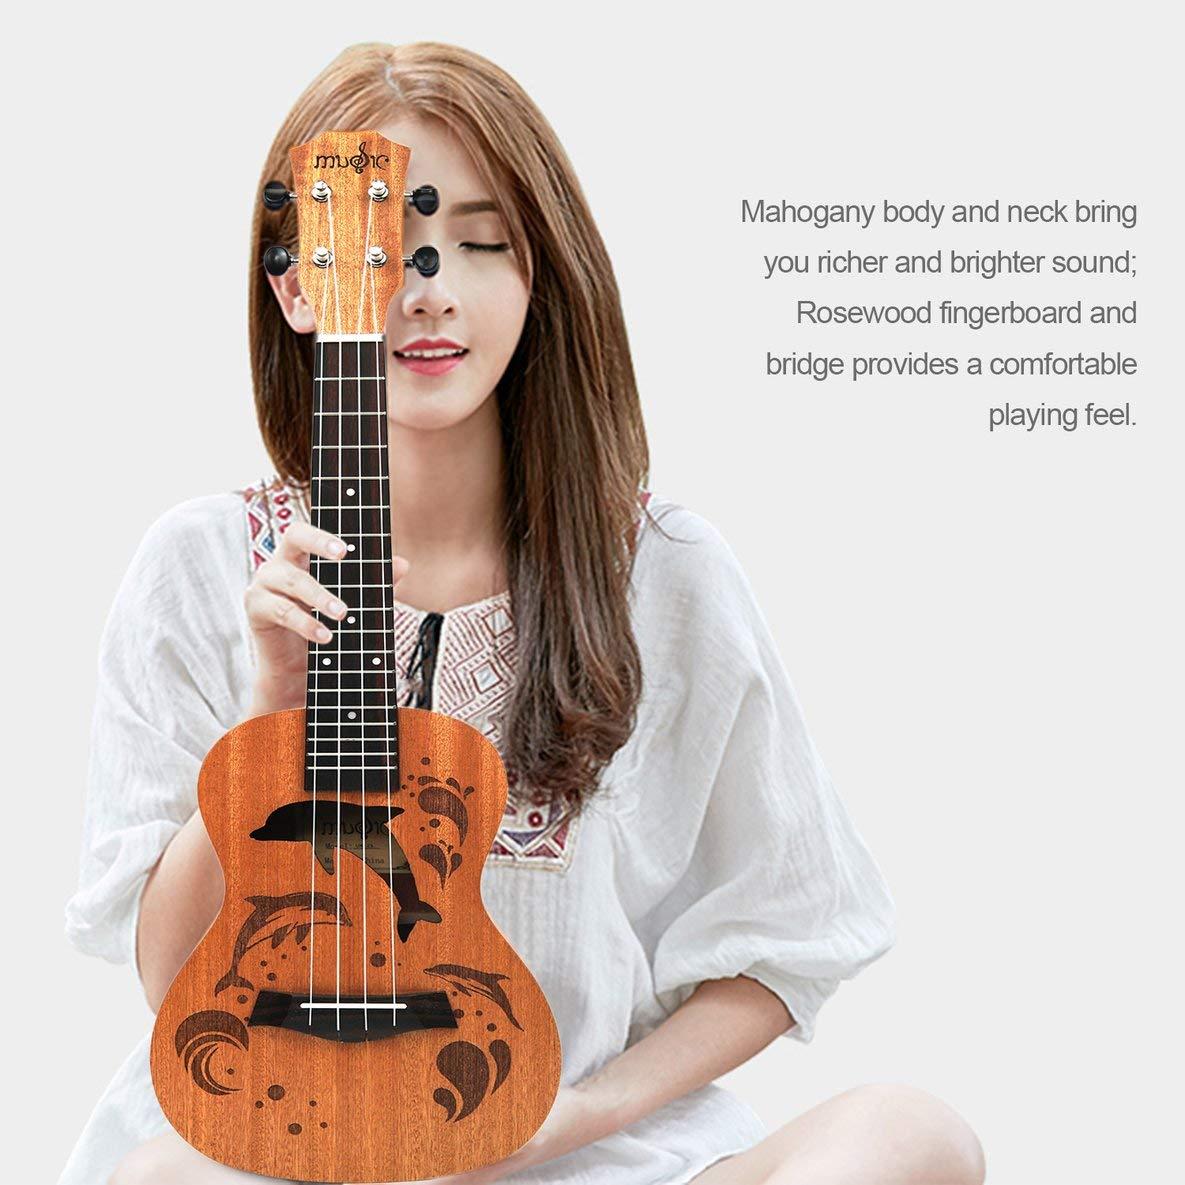 Noradtjcca Professionnel Mod/èle Dauphin Ukul/él/é Soprano Uke Hawaii Guitare Sapele 4 Cordes en Bois Ukul/él/é Instruments De Musique pour D/ébutant